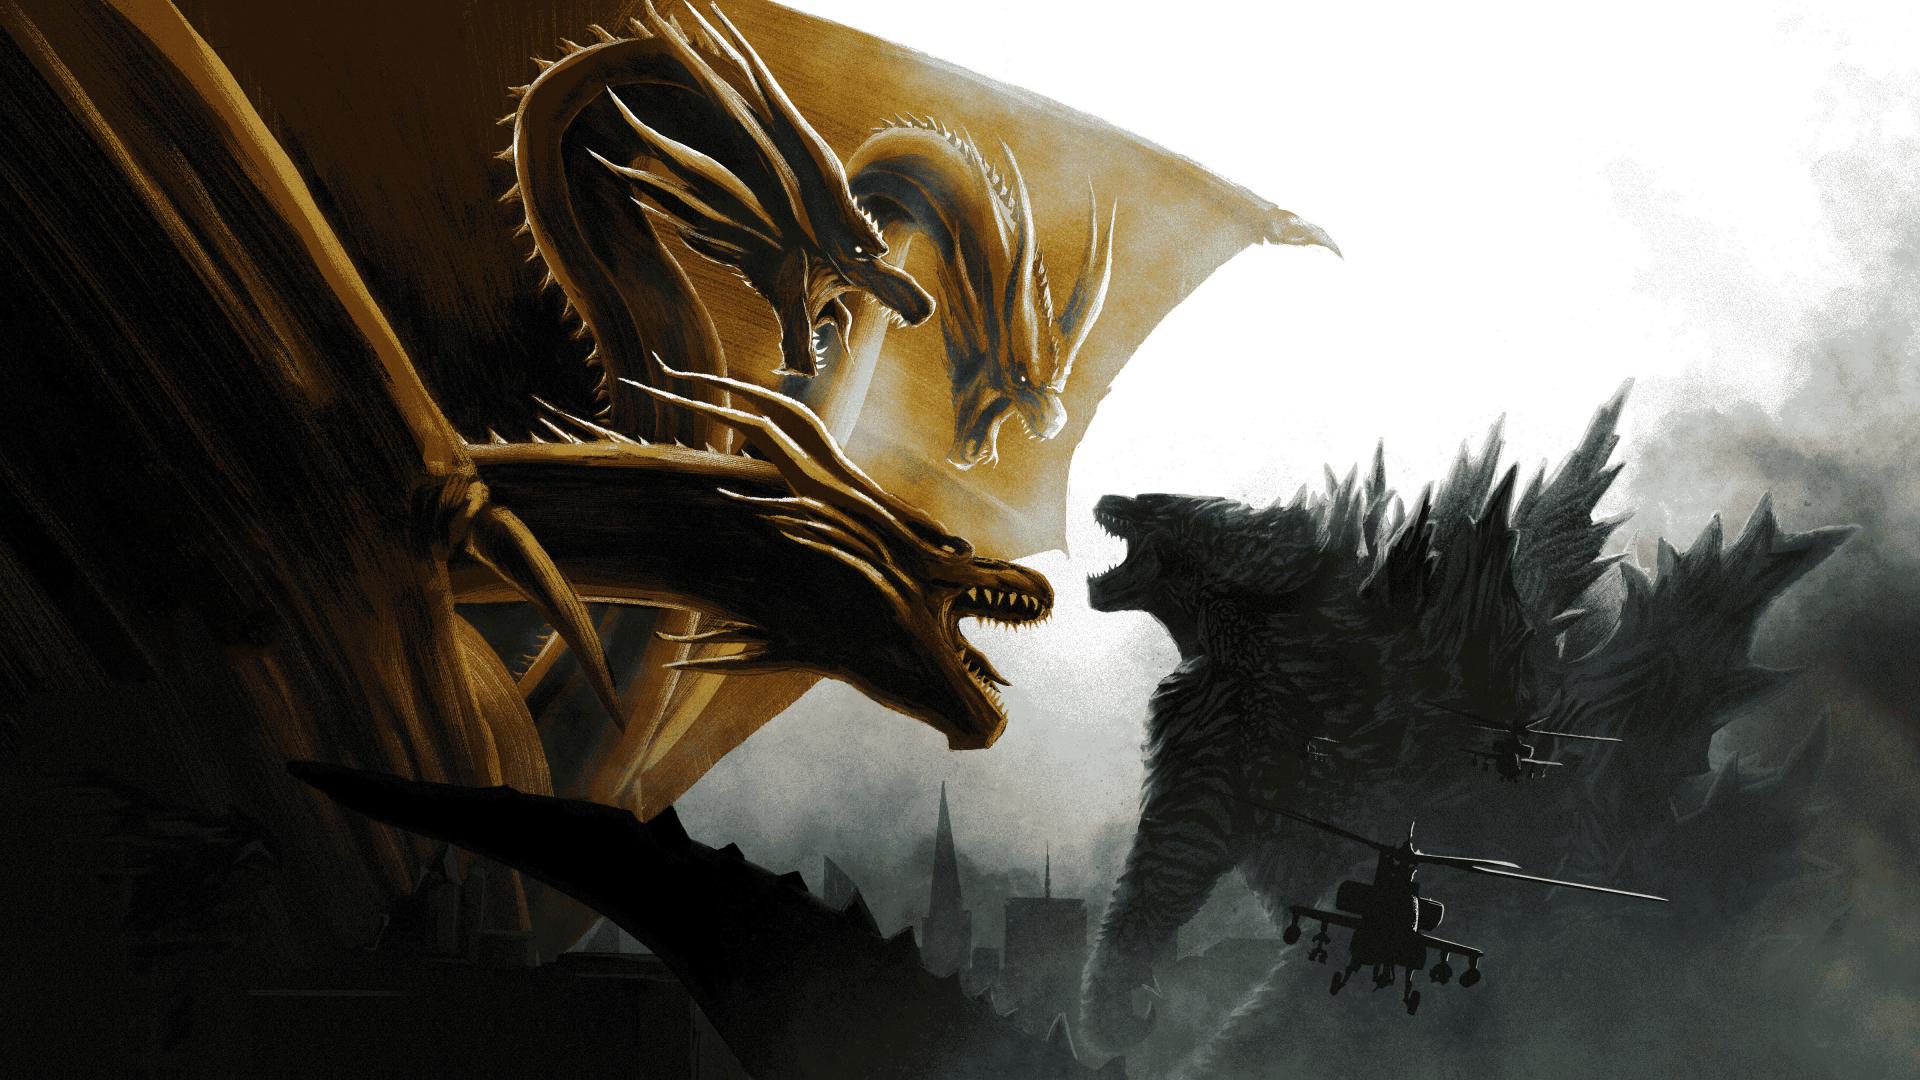 1920x1080 Godzilla vs King Ghidorah In Godzilla King of ...